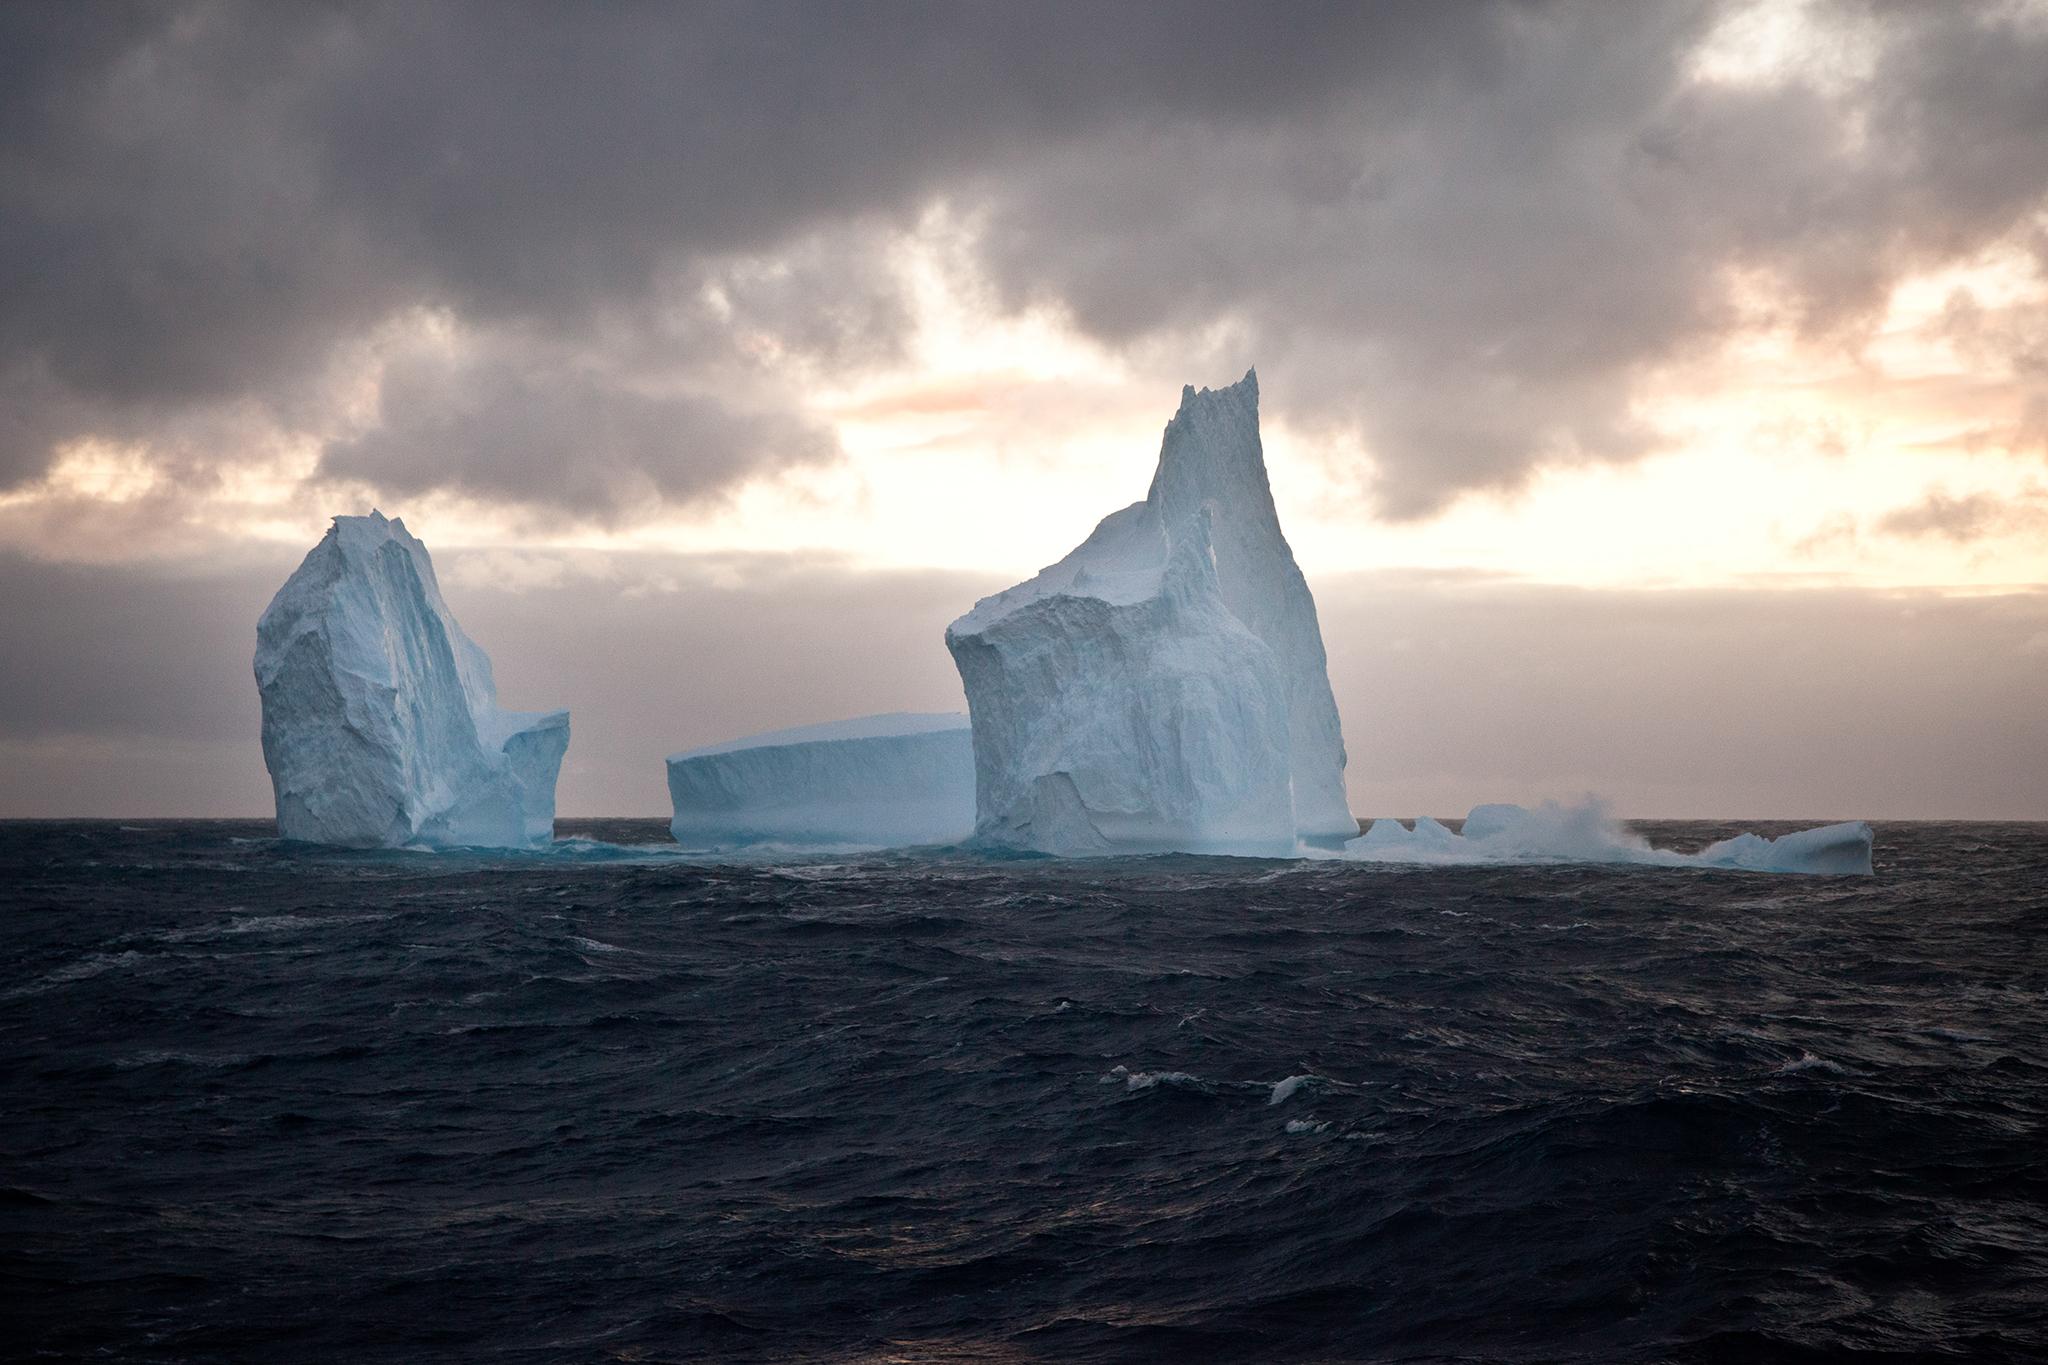 009-TW-Icebergs-130211.jpg